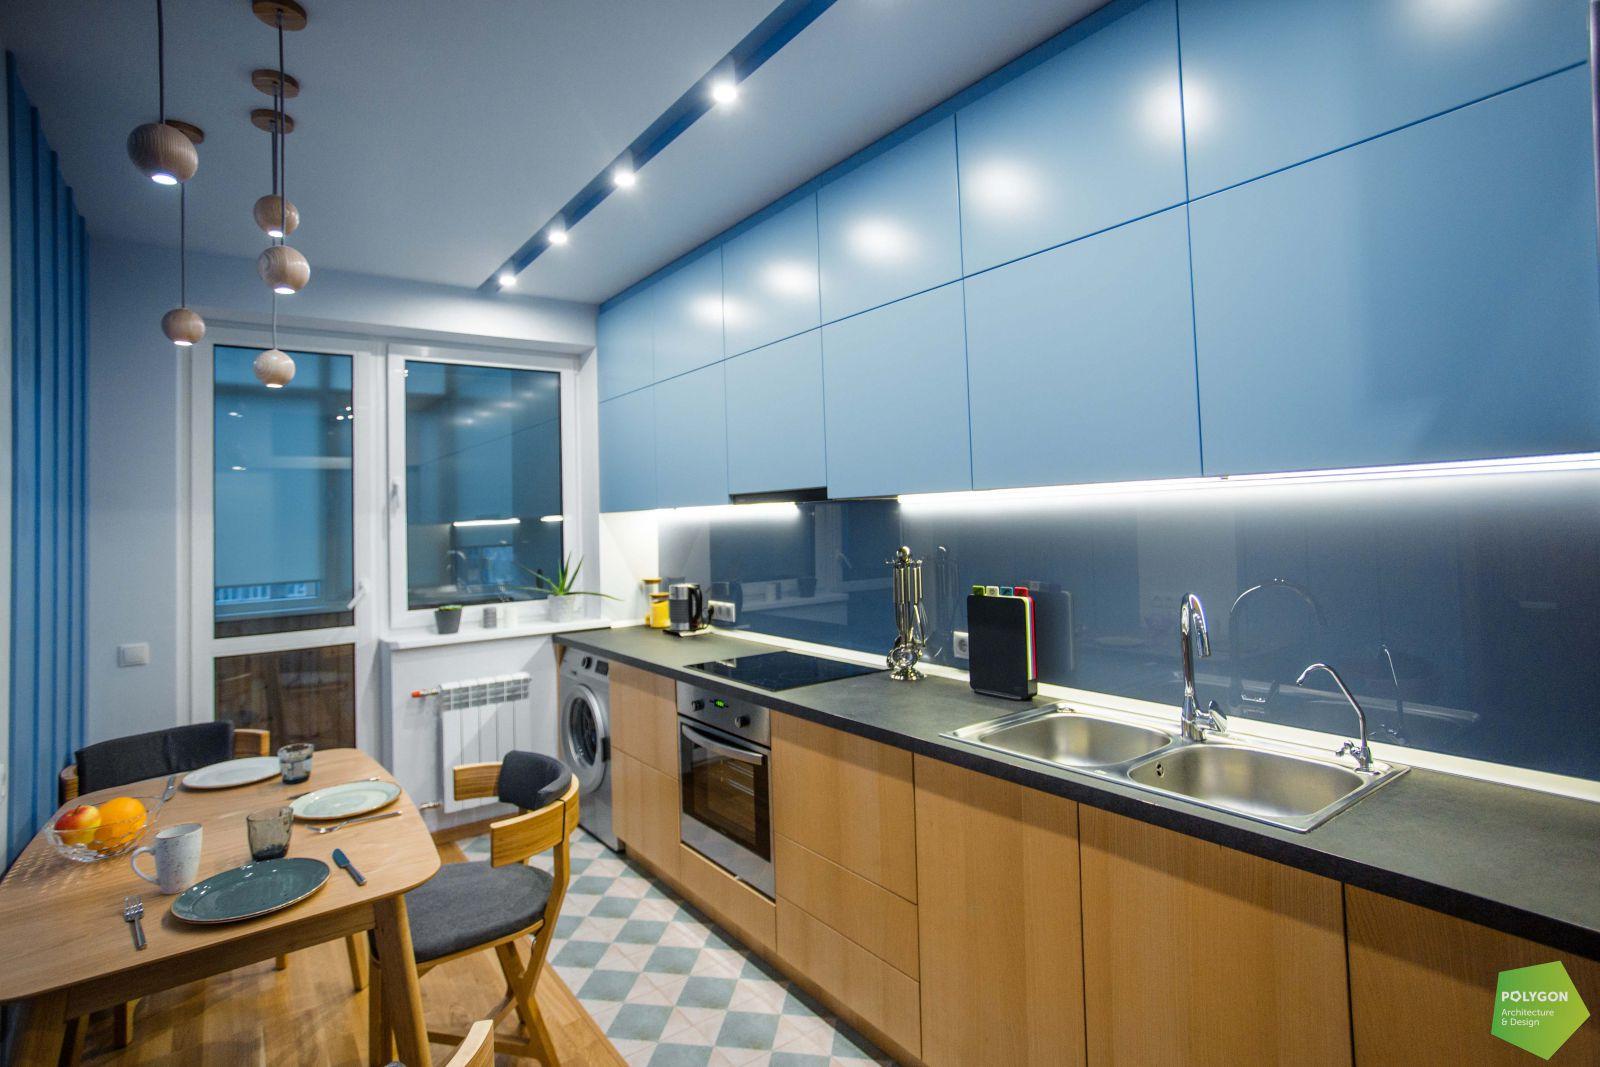 фото кухні в одному зі спільних проектів